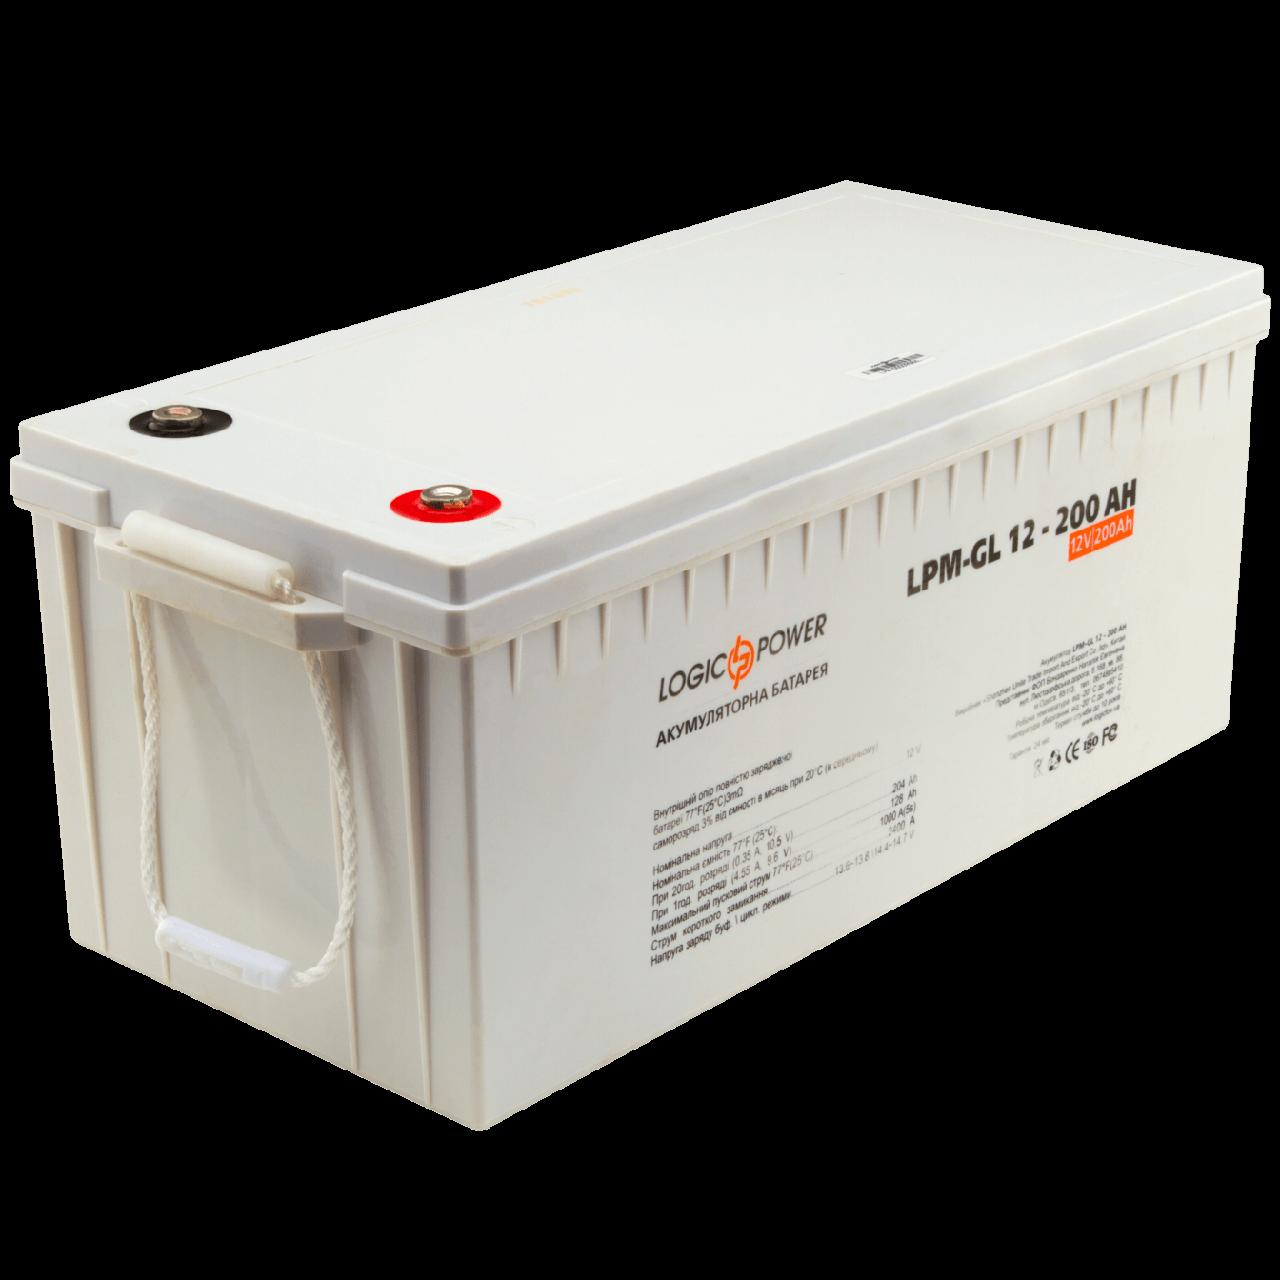 Аккумулятор гелевый LPM-GL 12 - 200 AH